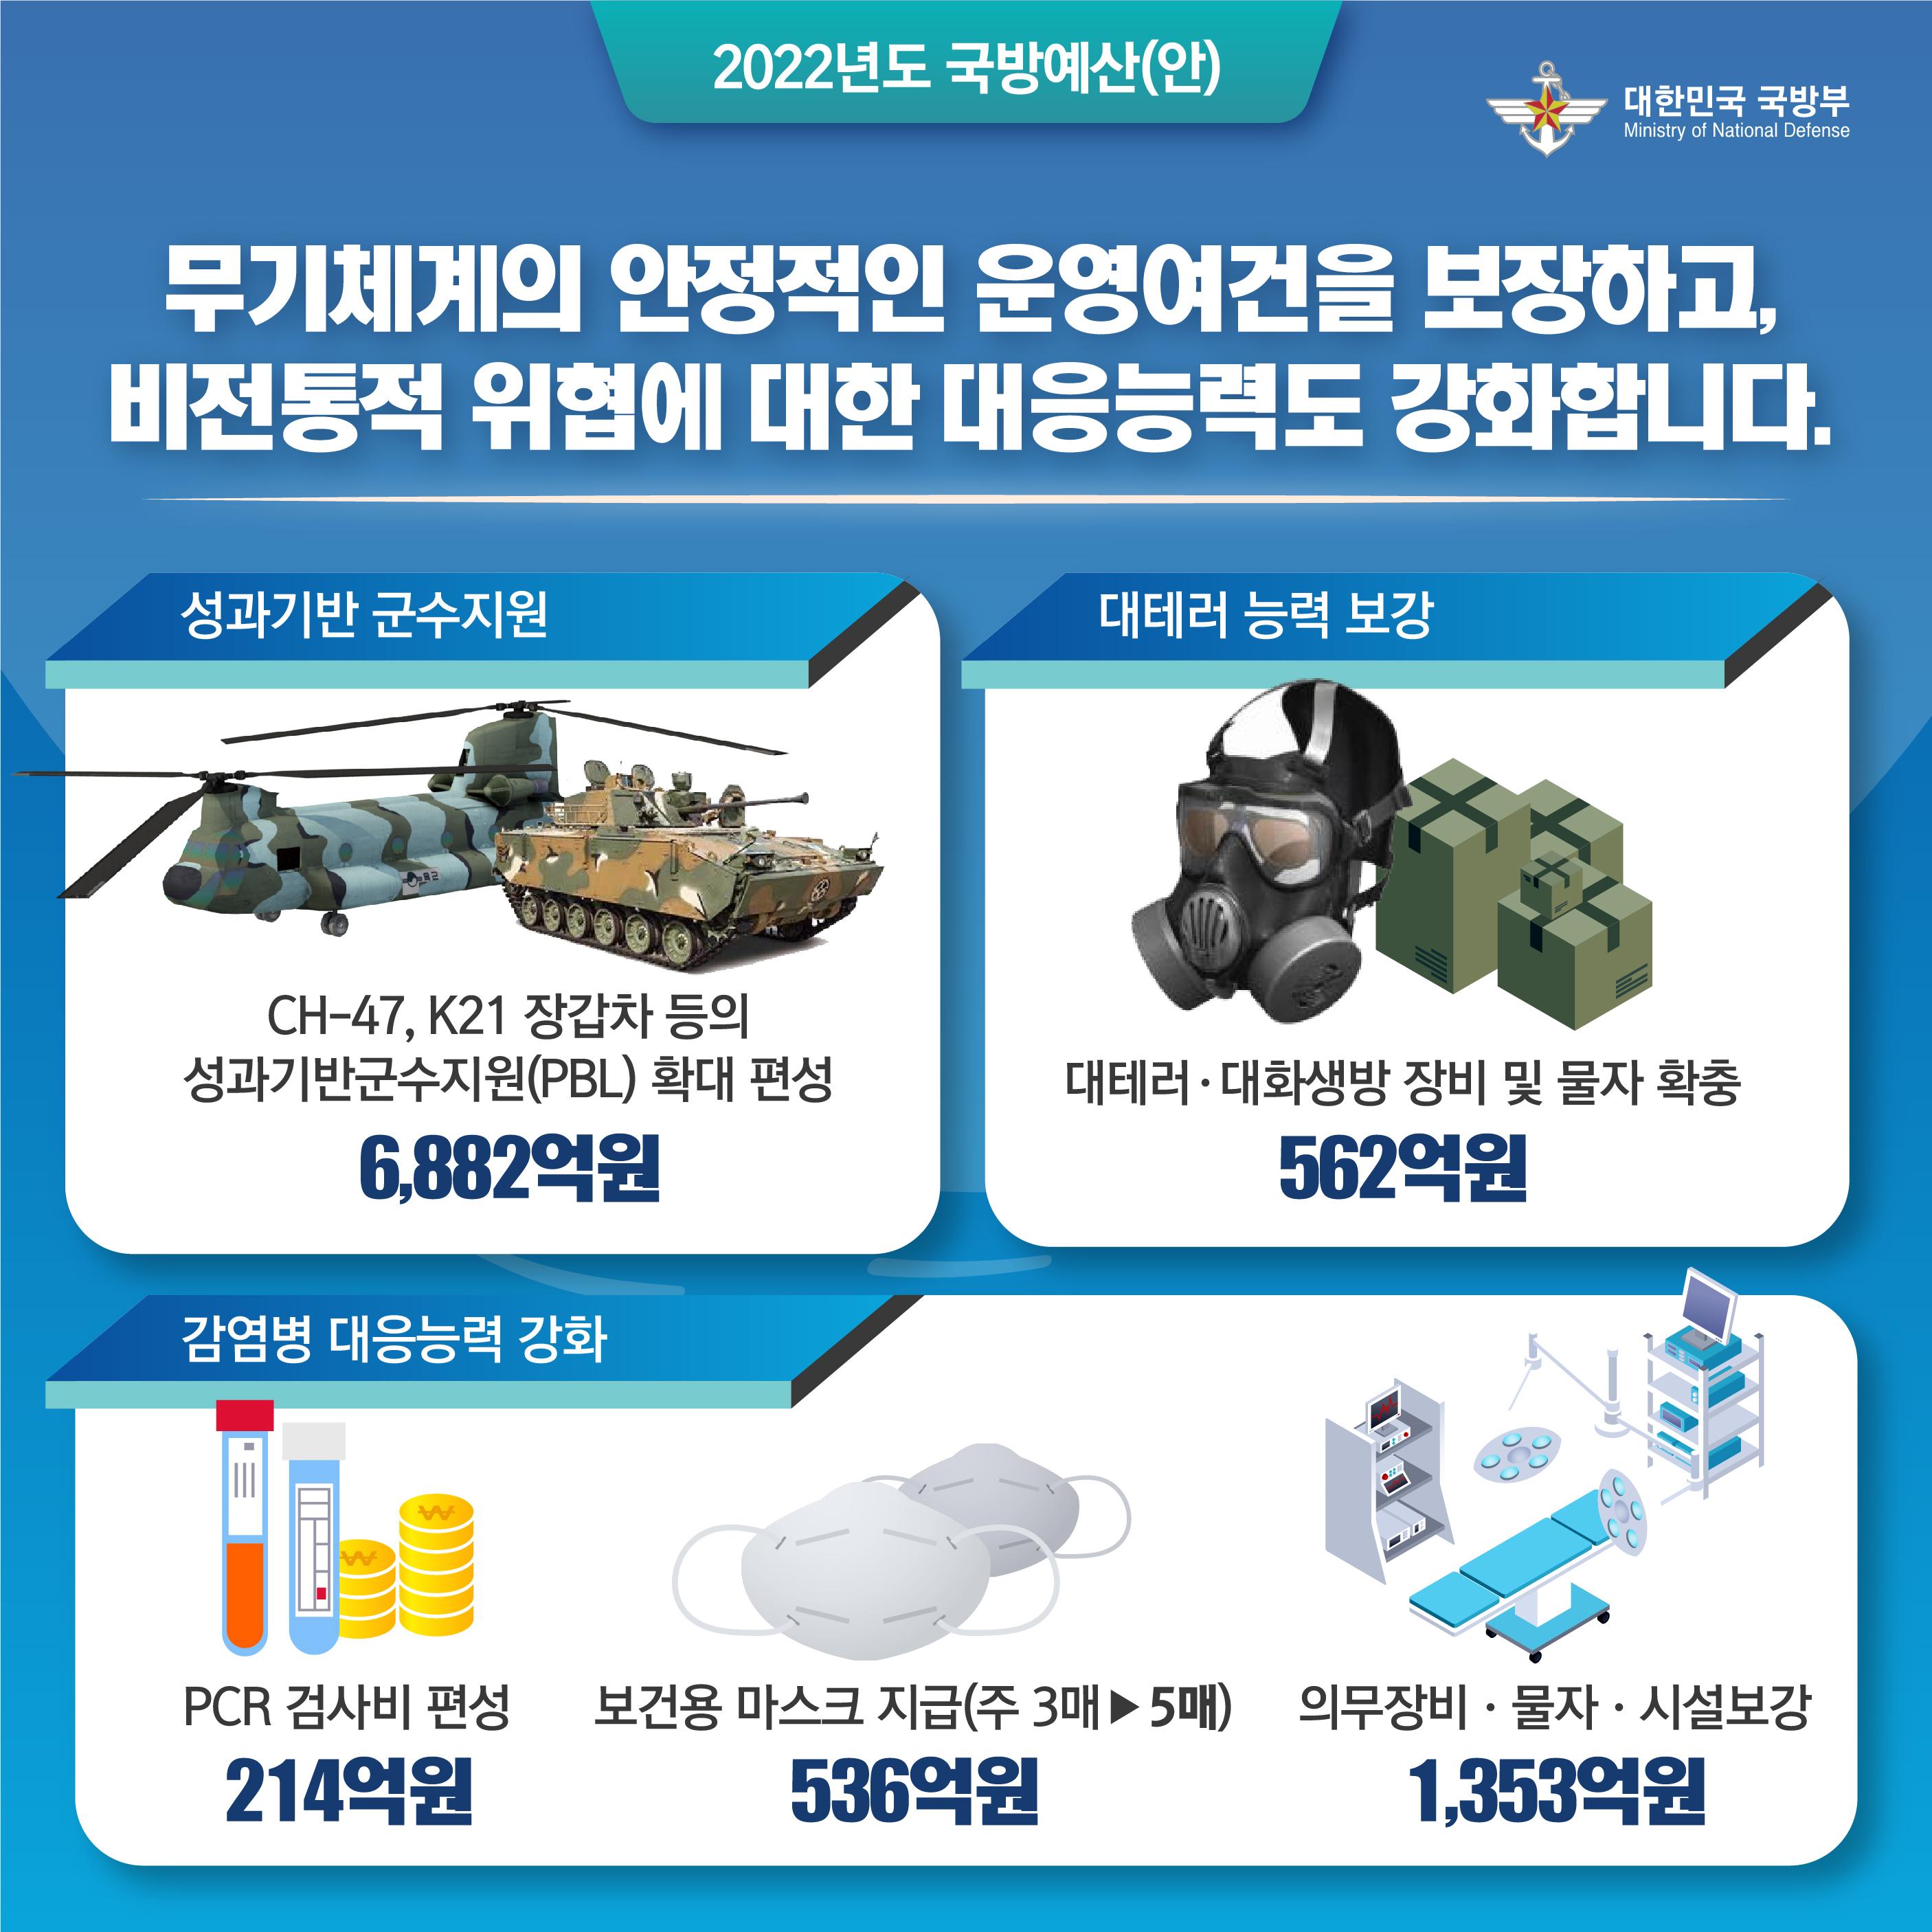 2022 국방예산 카드뉴스 9.jpg